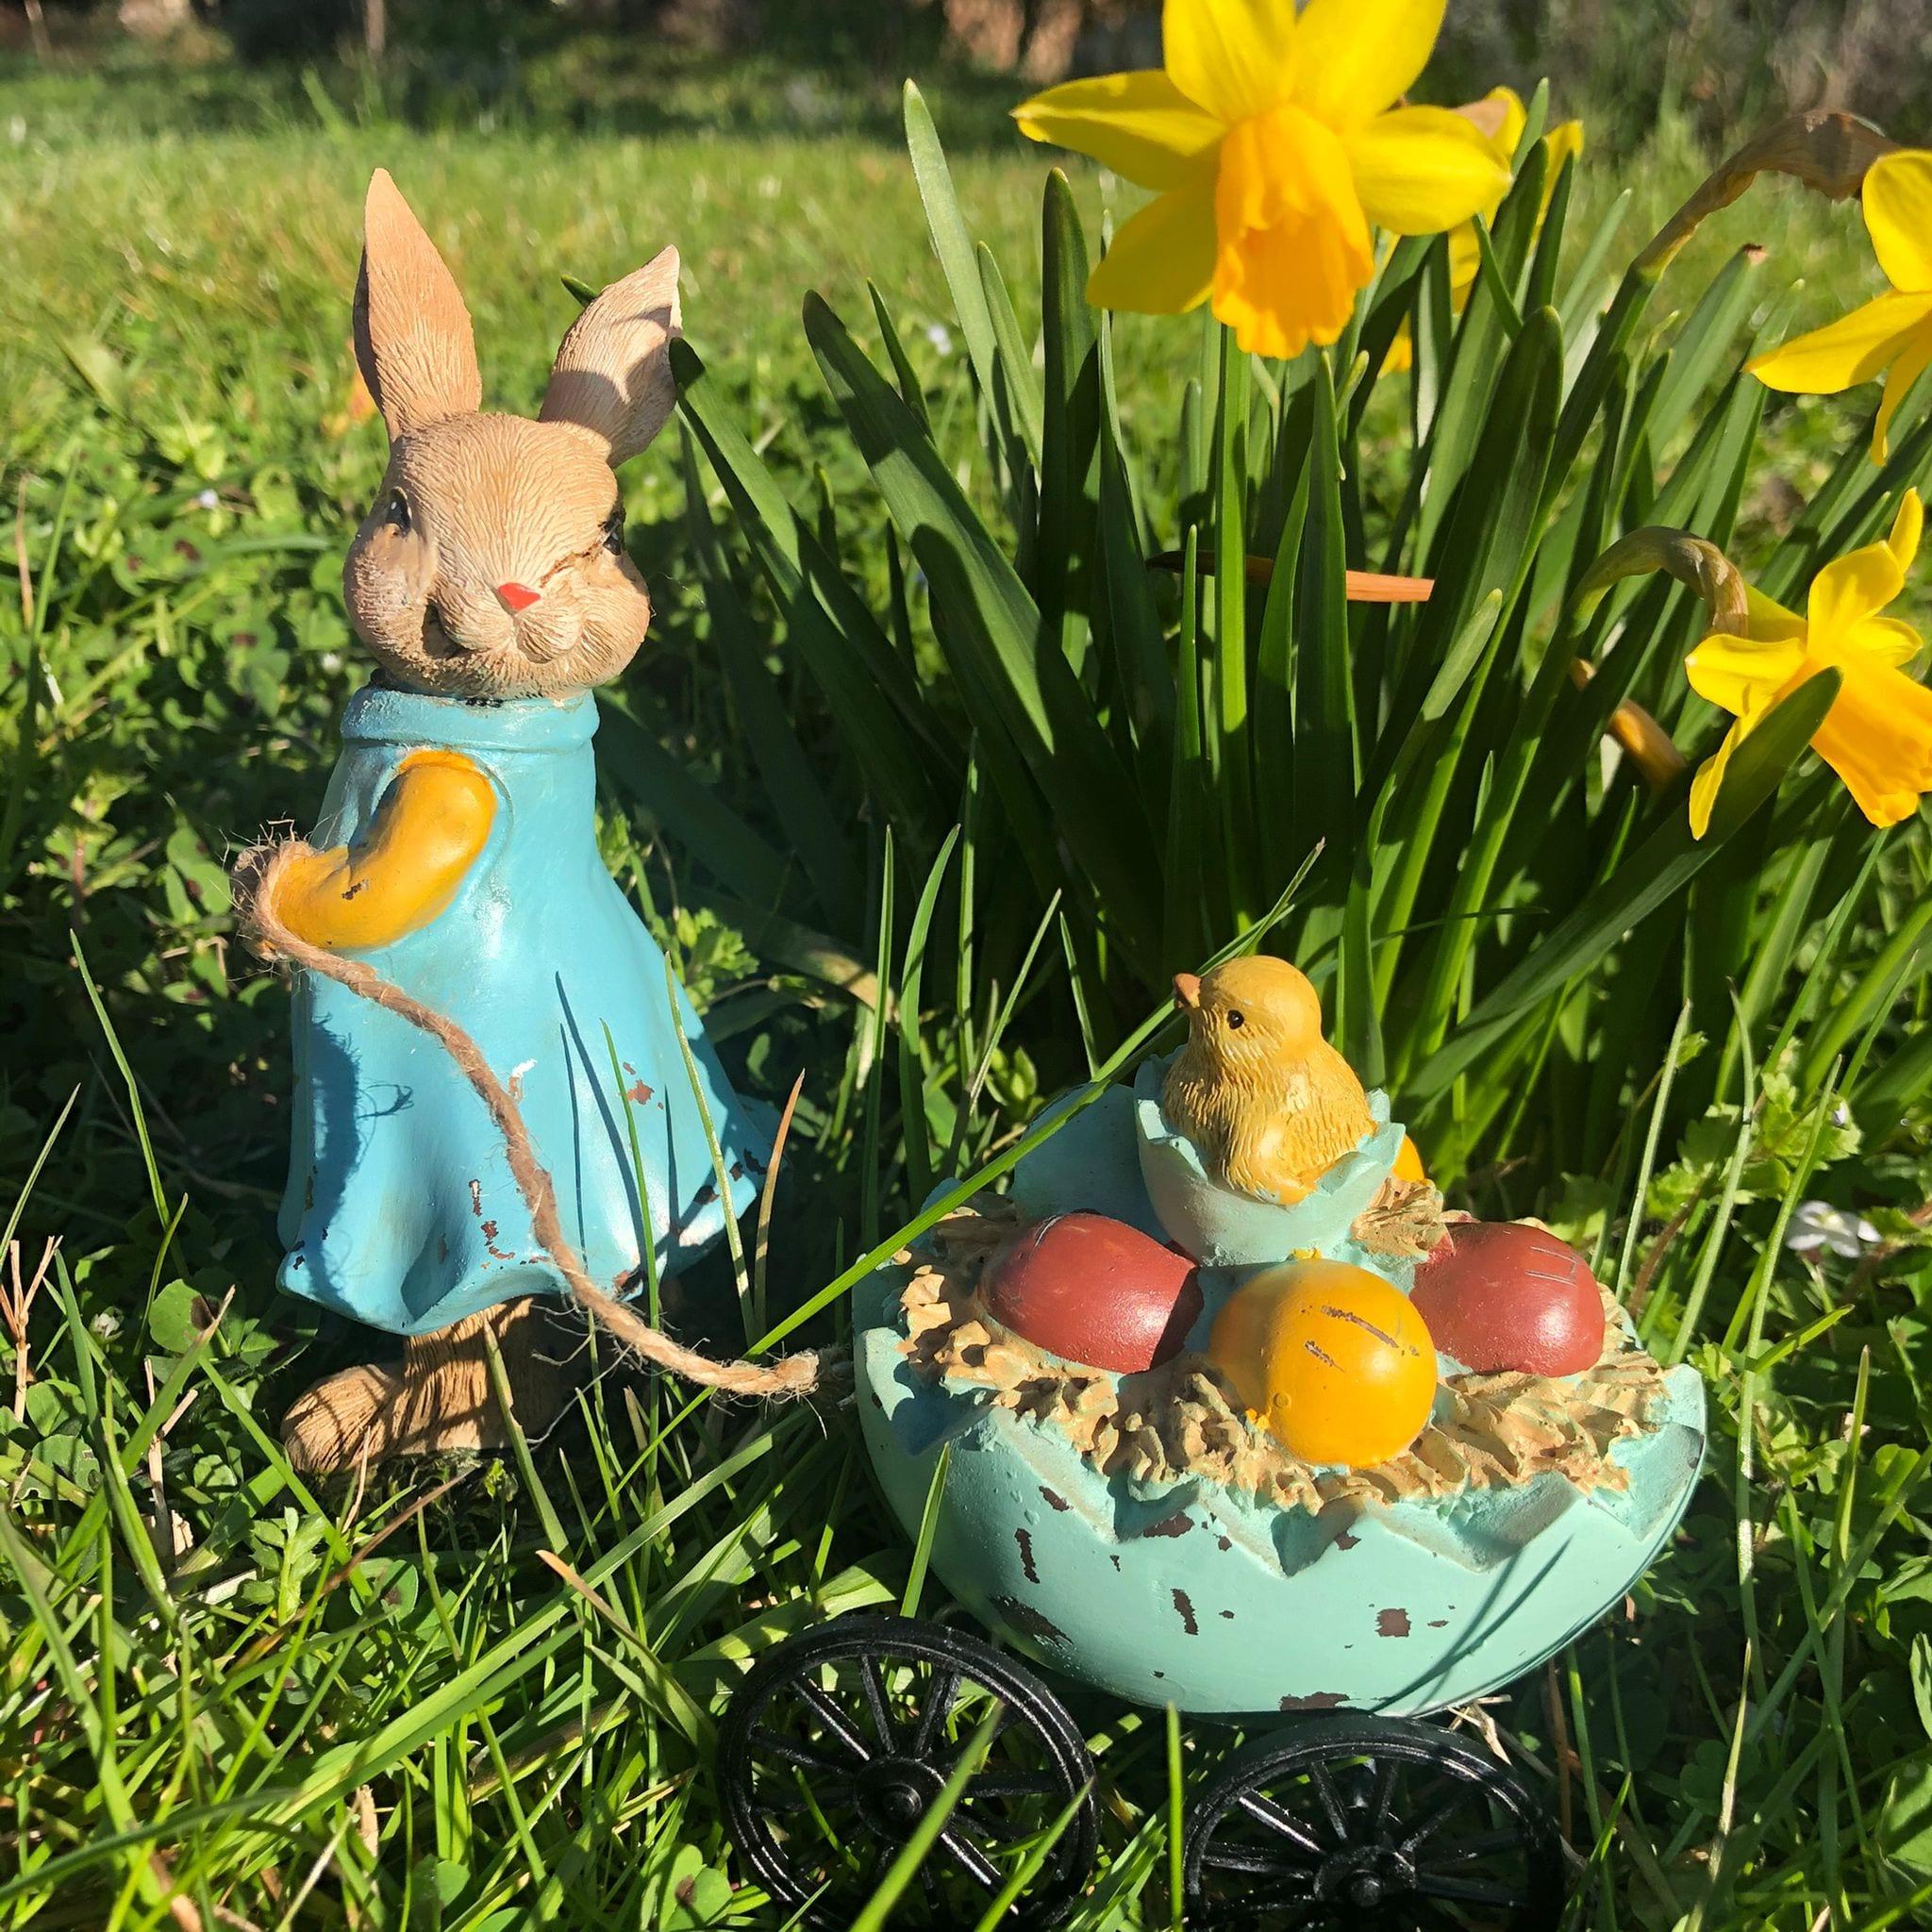 Coniglio con carretto a forma di uovo a rotelle